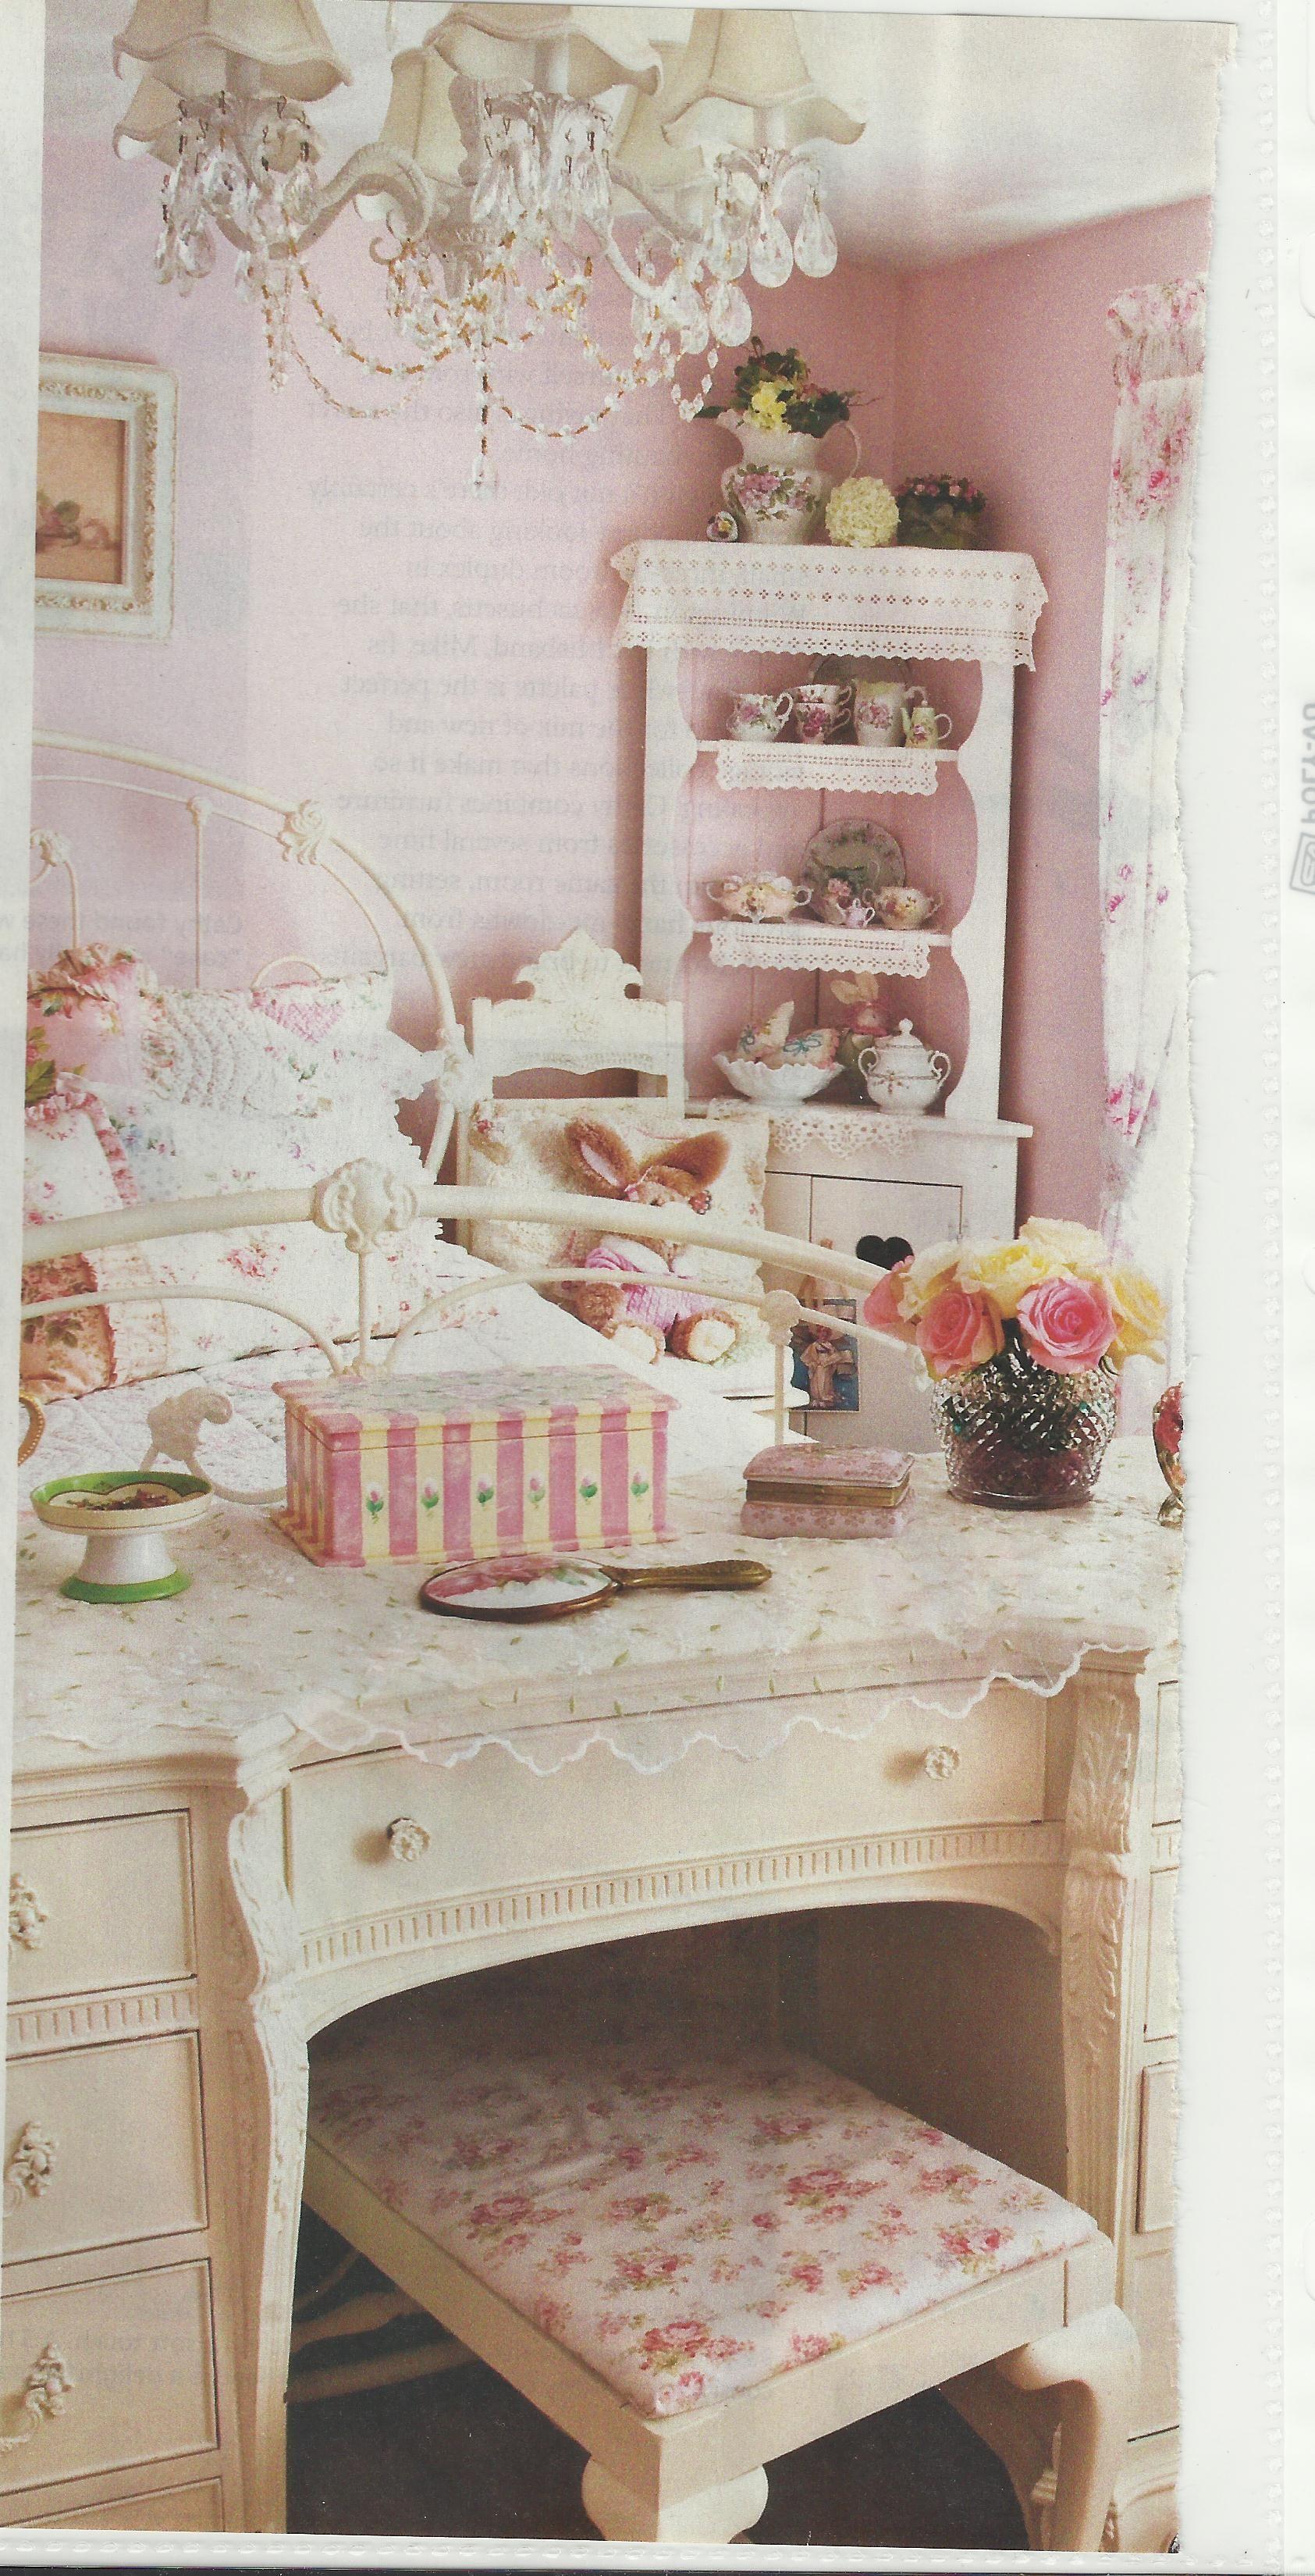 Todo lo relacionado con moda decoracion belleza salud casas en 2019 pinterest shabby Decoracion shabby chic romantico